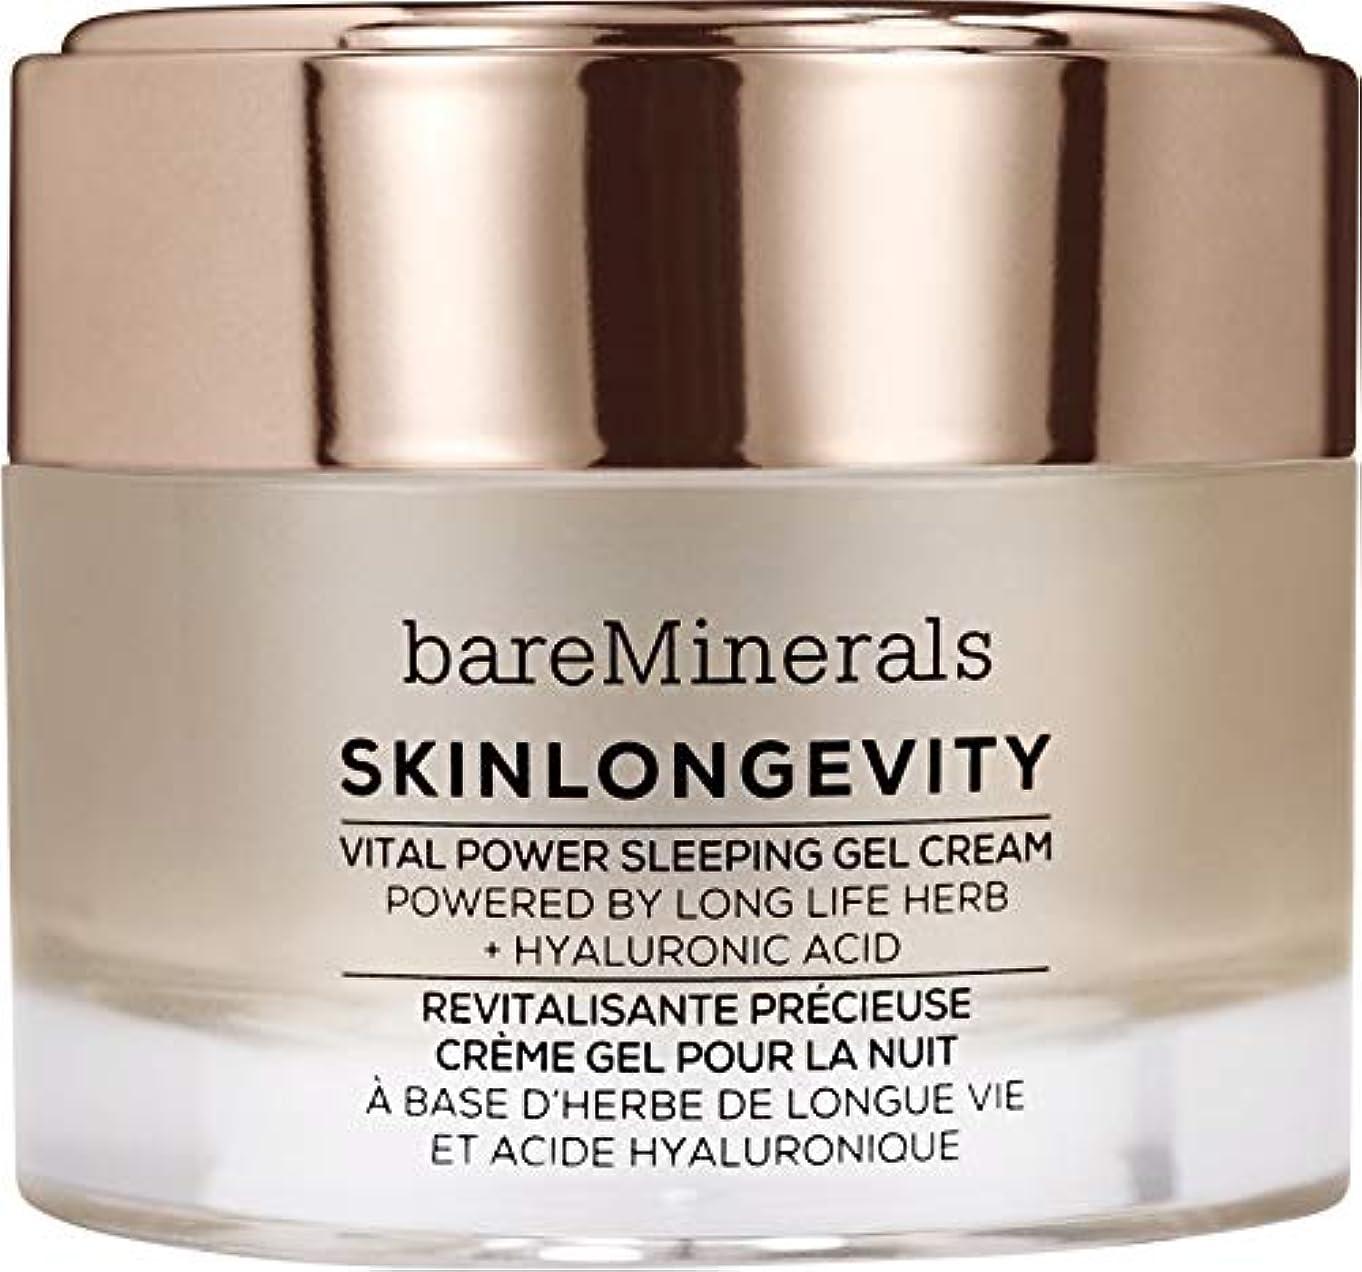 レイア緩やかなあいにくベアミネラル Skinlongevity Vital Power Sleeping Gel Cream 50g/1.7oz並行輸入品